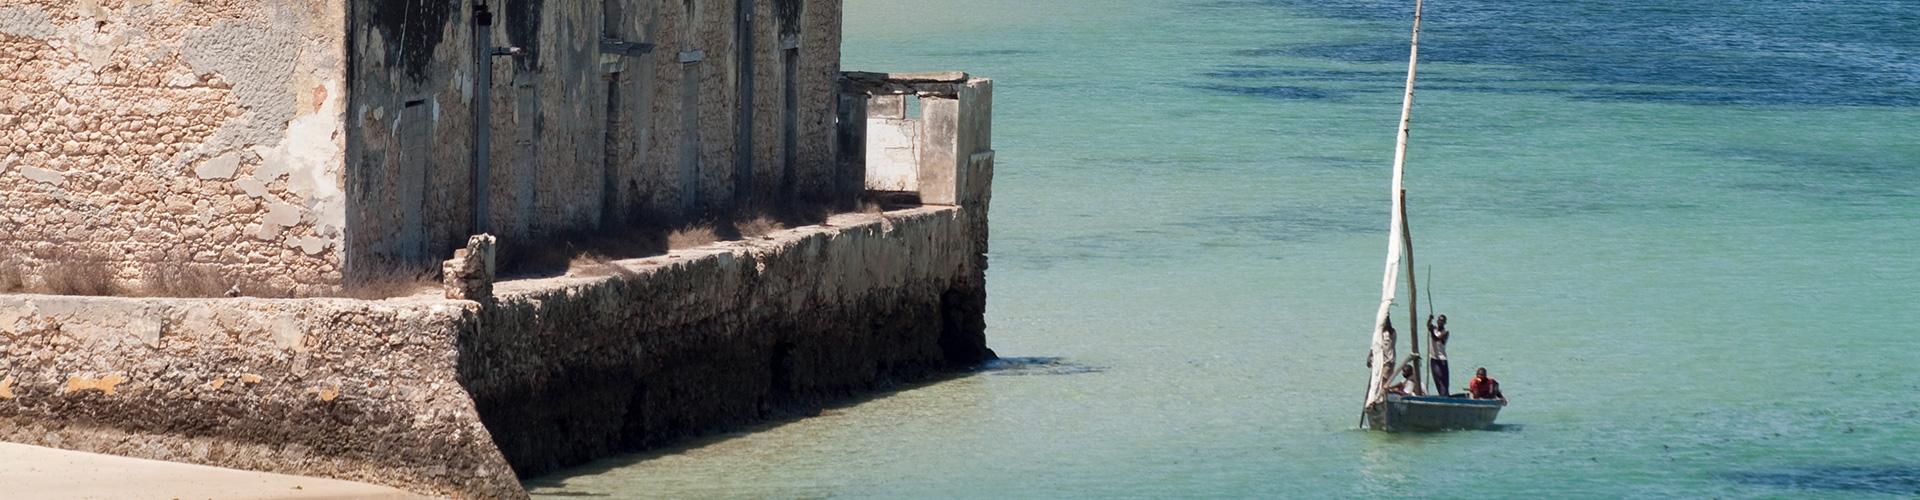 Ilha de Mocambique Fisherman